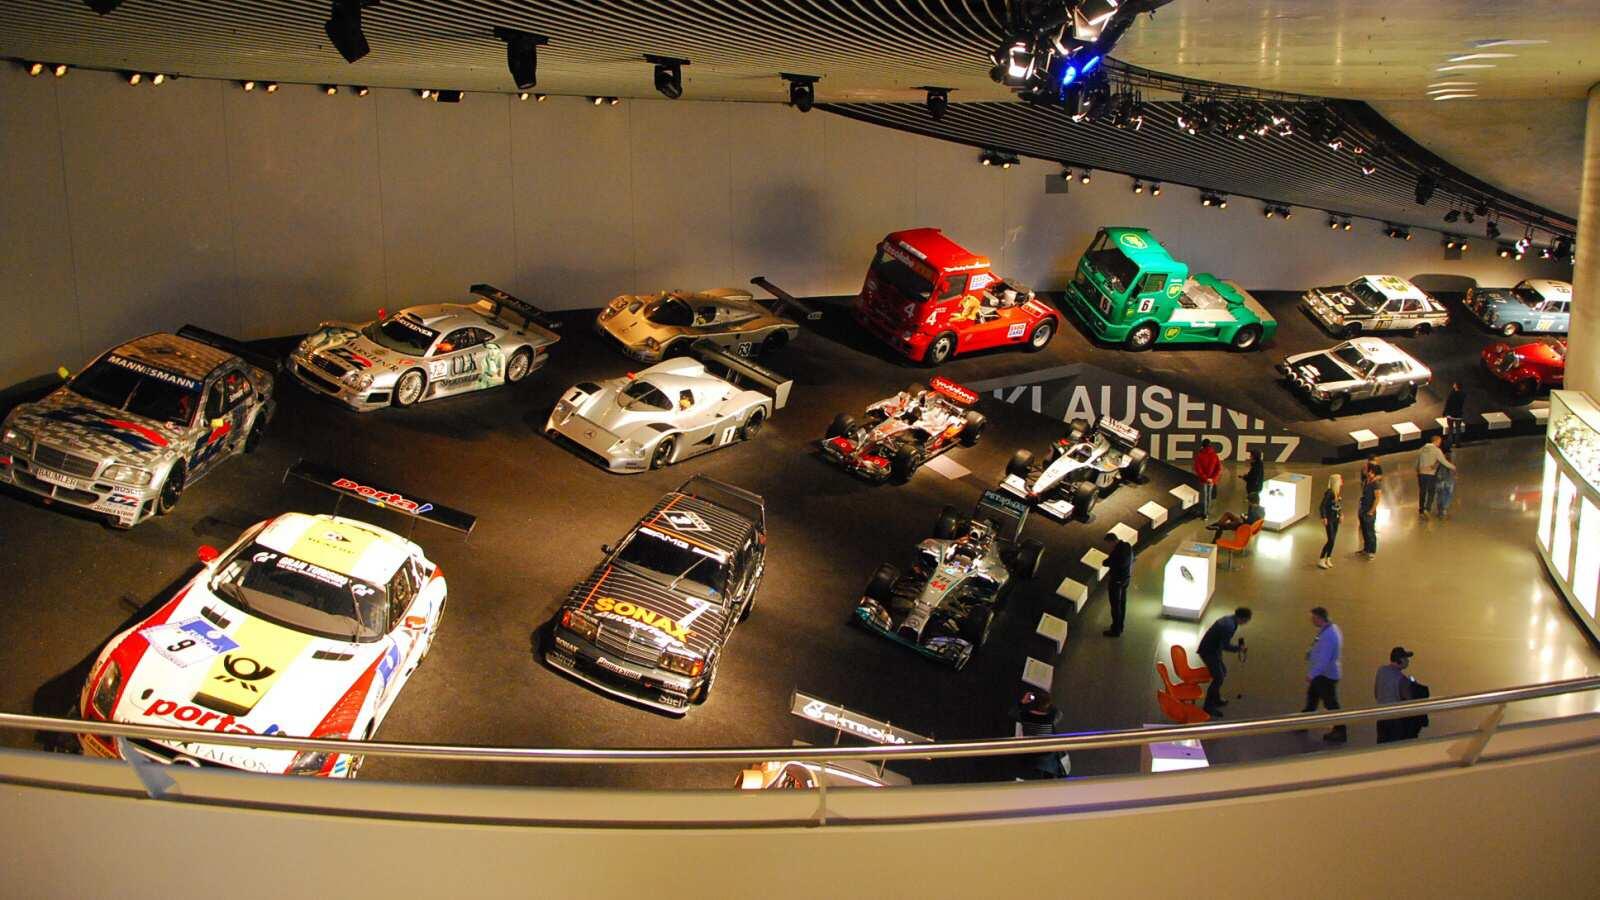 Pohled na řadu závodních mercedesů